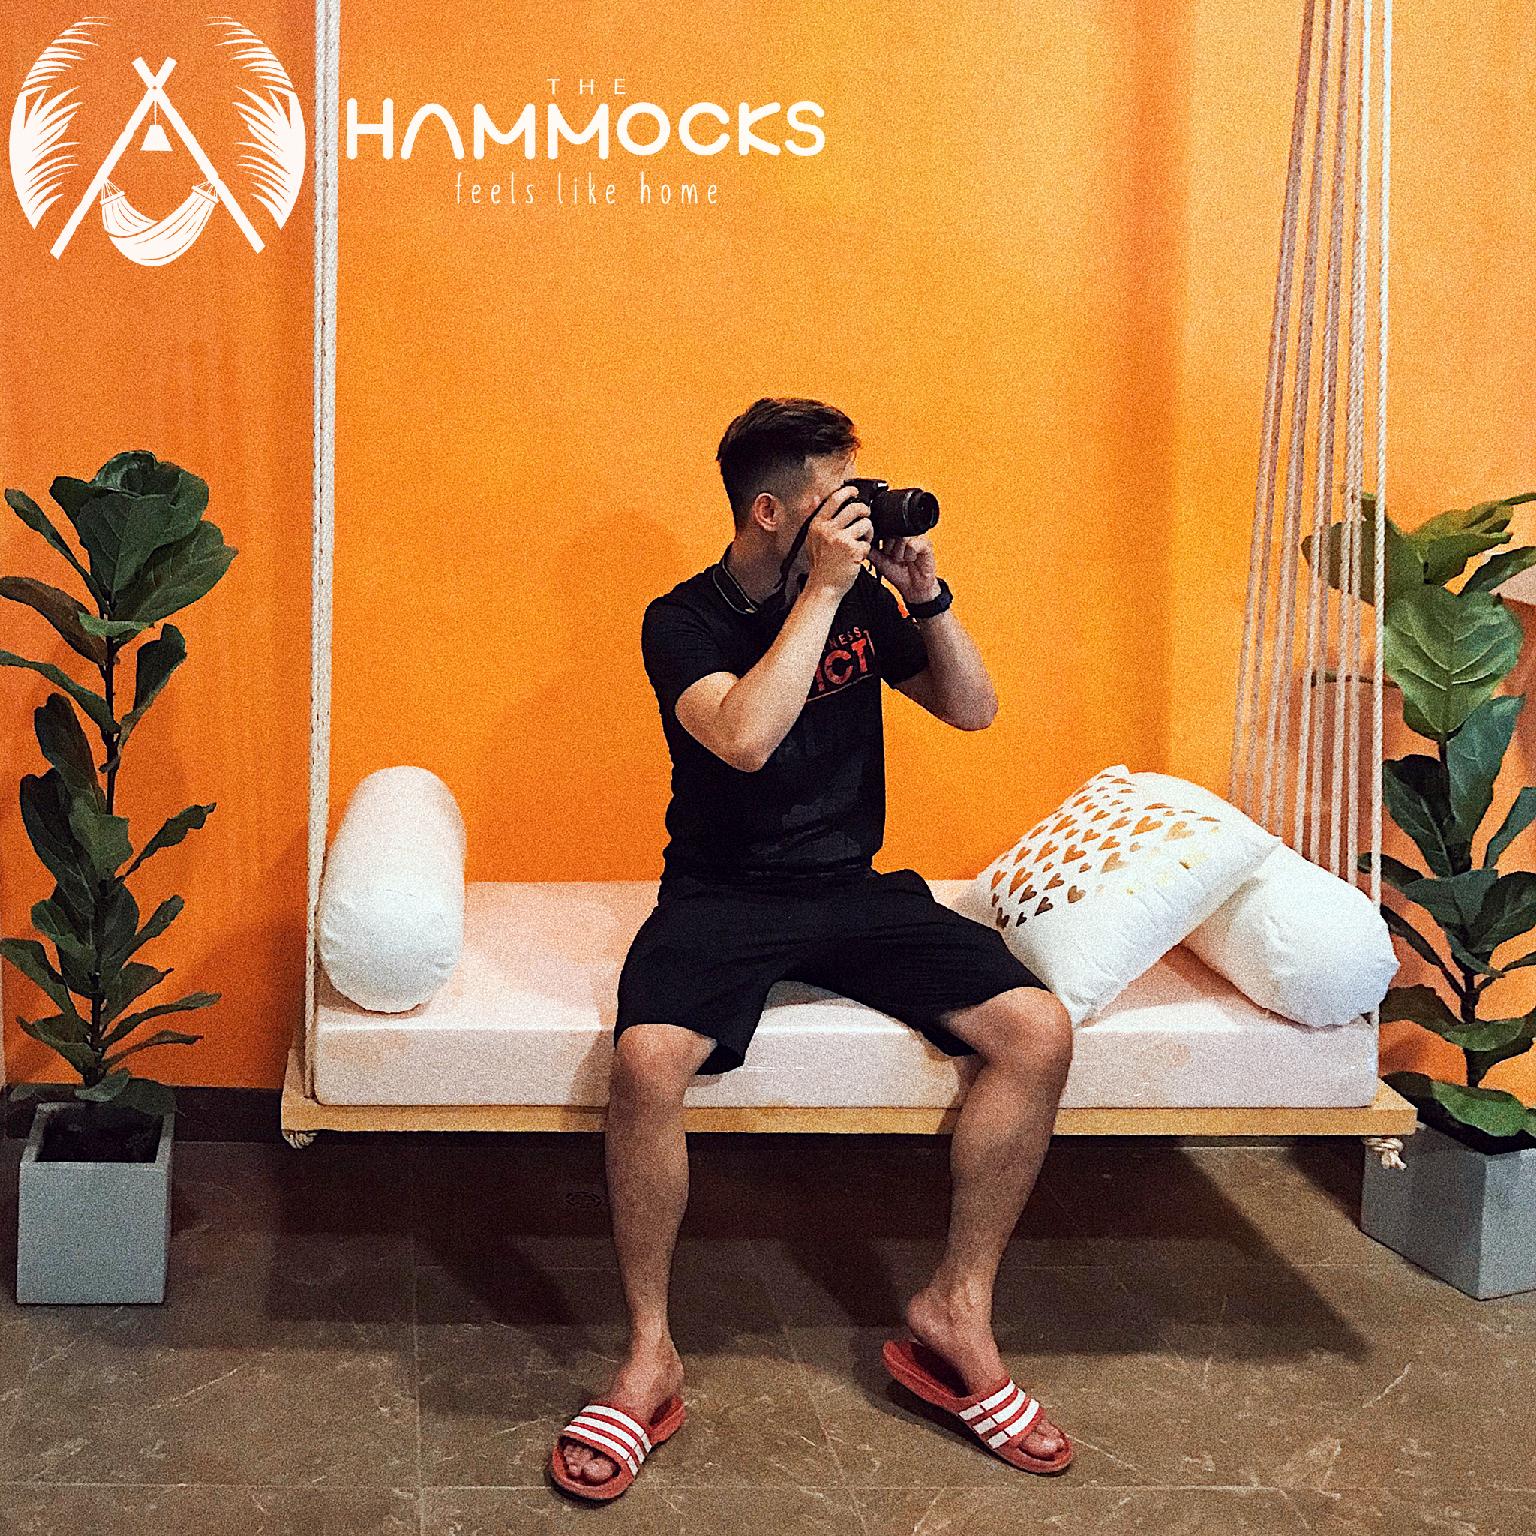 The Hammocks Nha Trang Central HM1